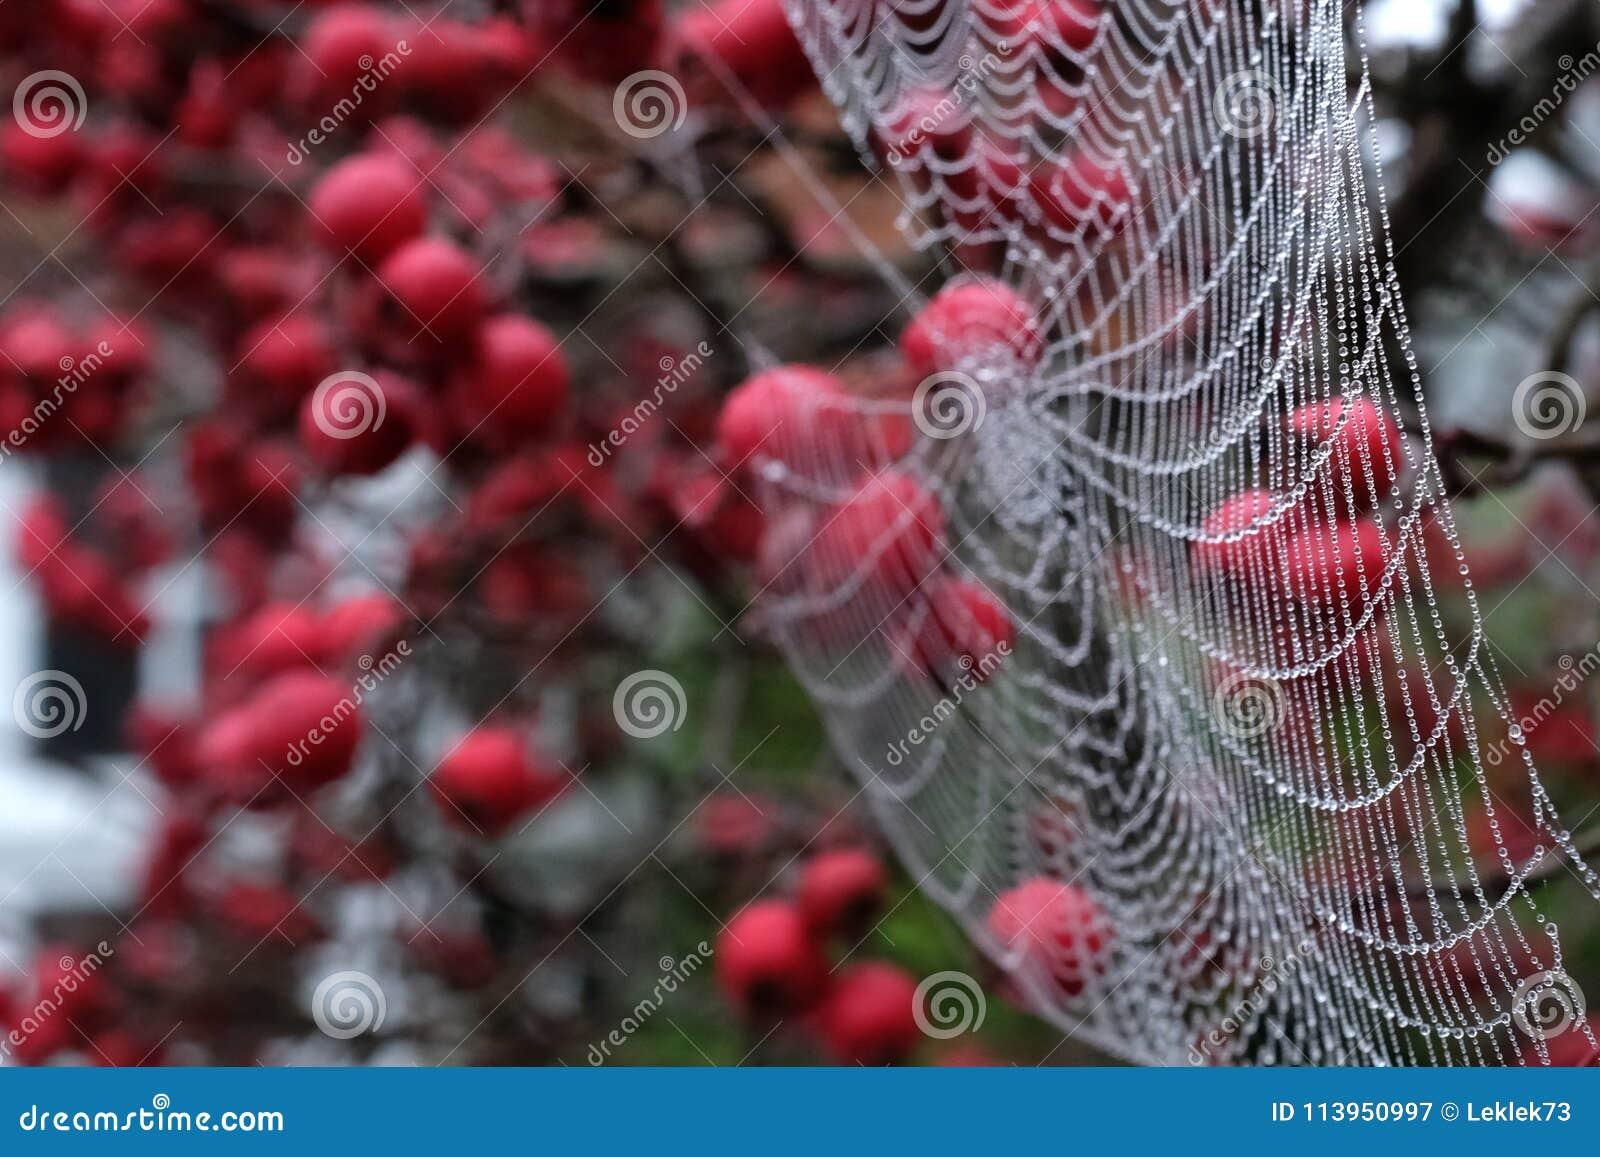 Zamyka w górę fotografii pająka ` s sieć z rosa kroplami wiesza od czerwonej krab jabłoni w jesieni